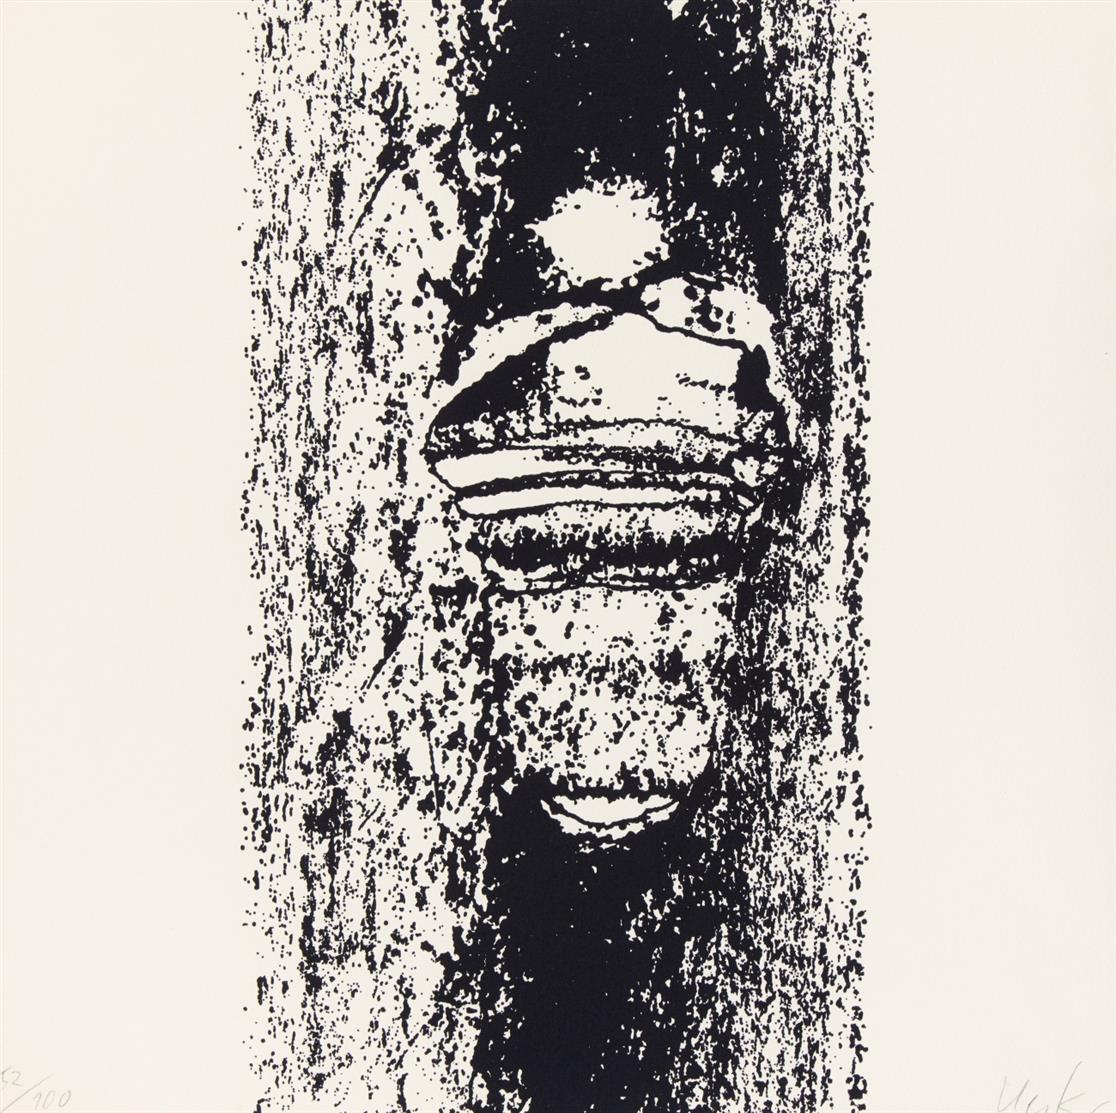 Günther Uecker. Leibbeschreibung eines Nagels. 1969/70. Folge von Titelblatt und 8 Zinkographien mit Prägedruck. Je signiert. Ex. 52/100.